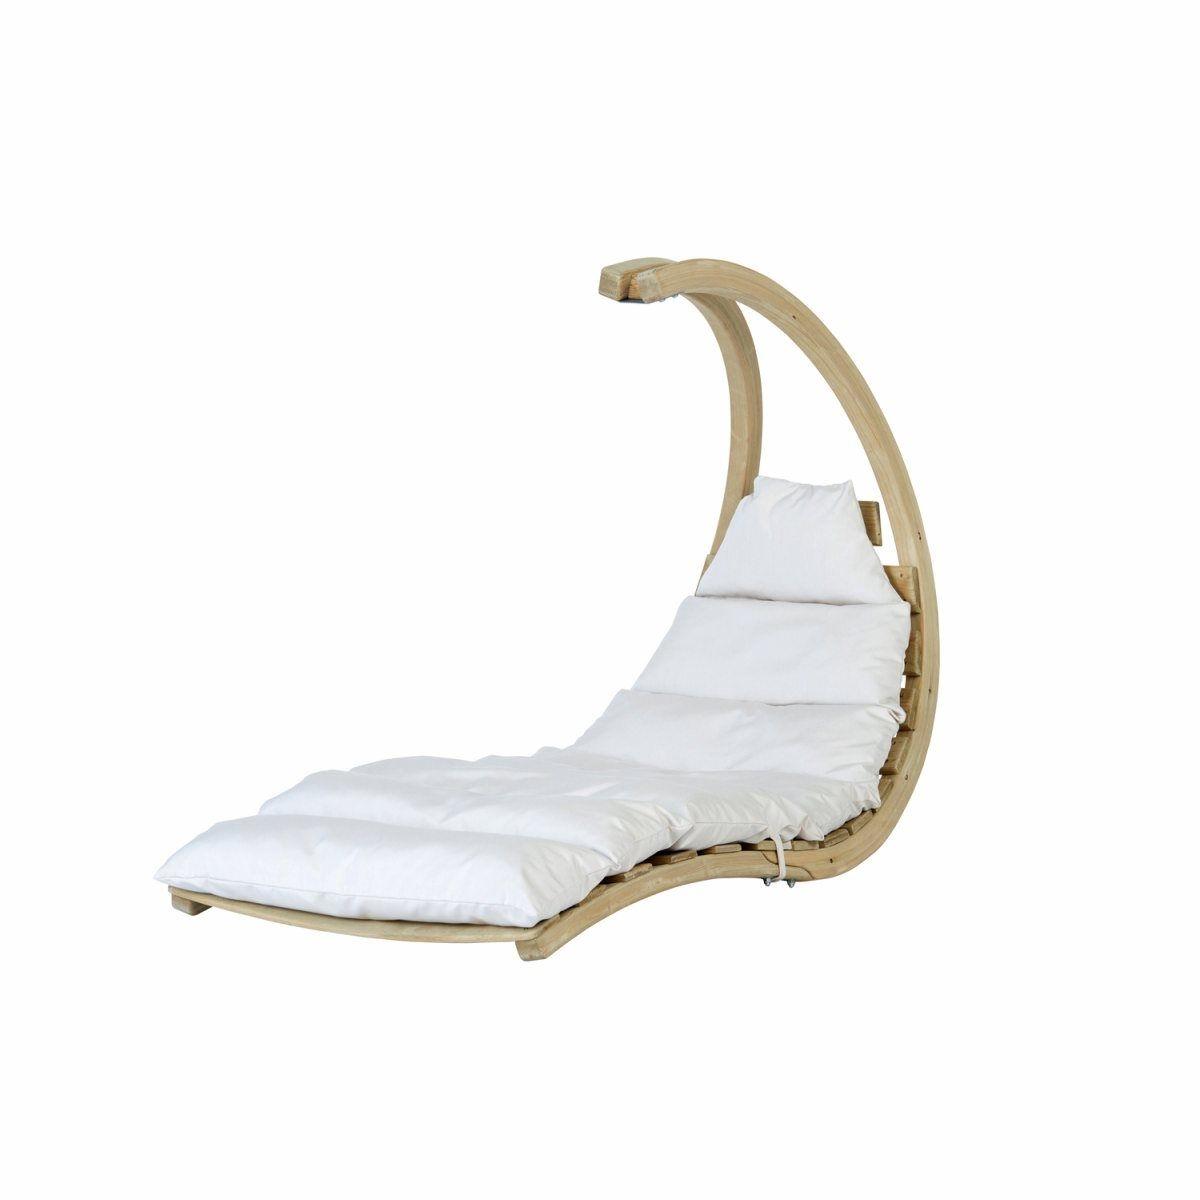 Chaise Longue Swing Lounger Crème